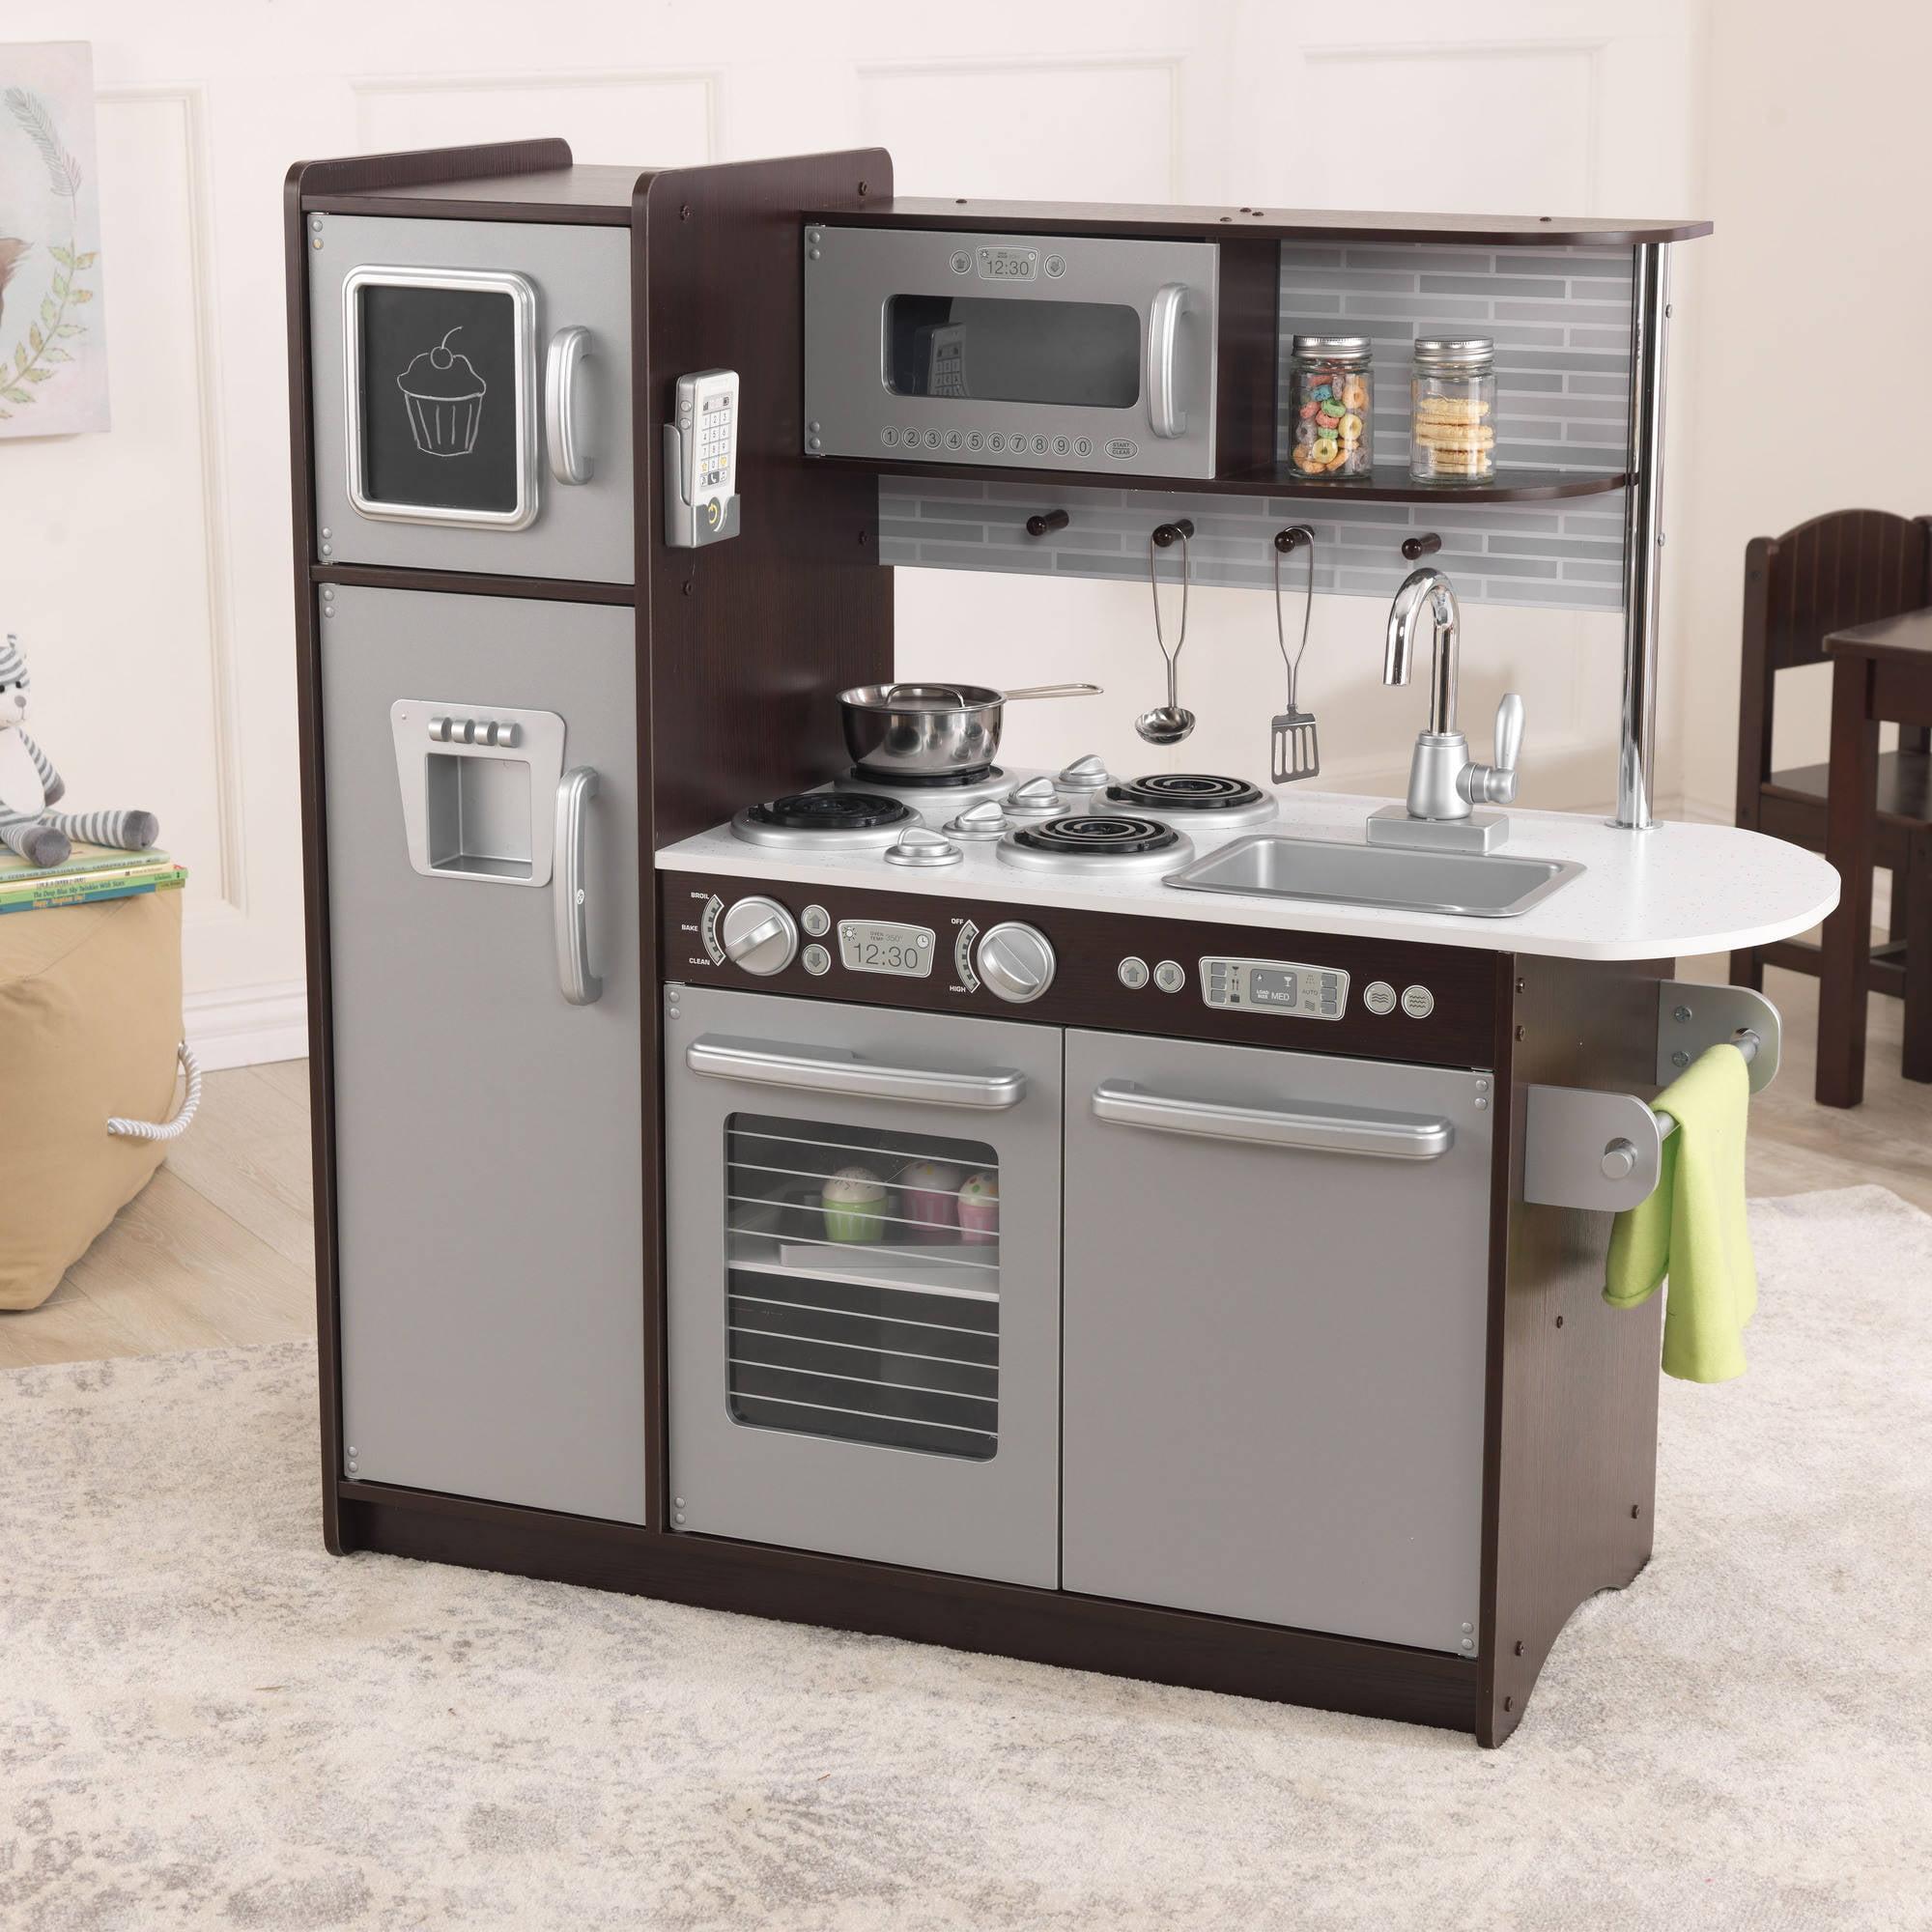 KidKraft Uptown Wooden Play Kitchen, Espresso